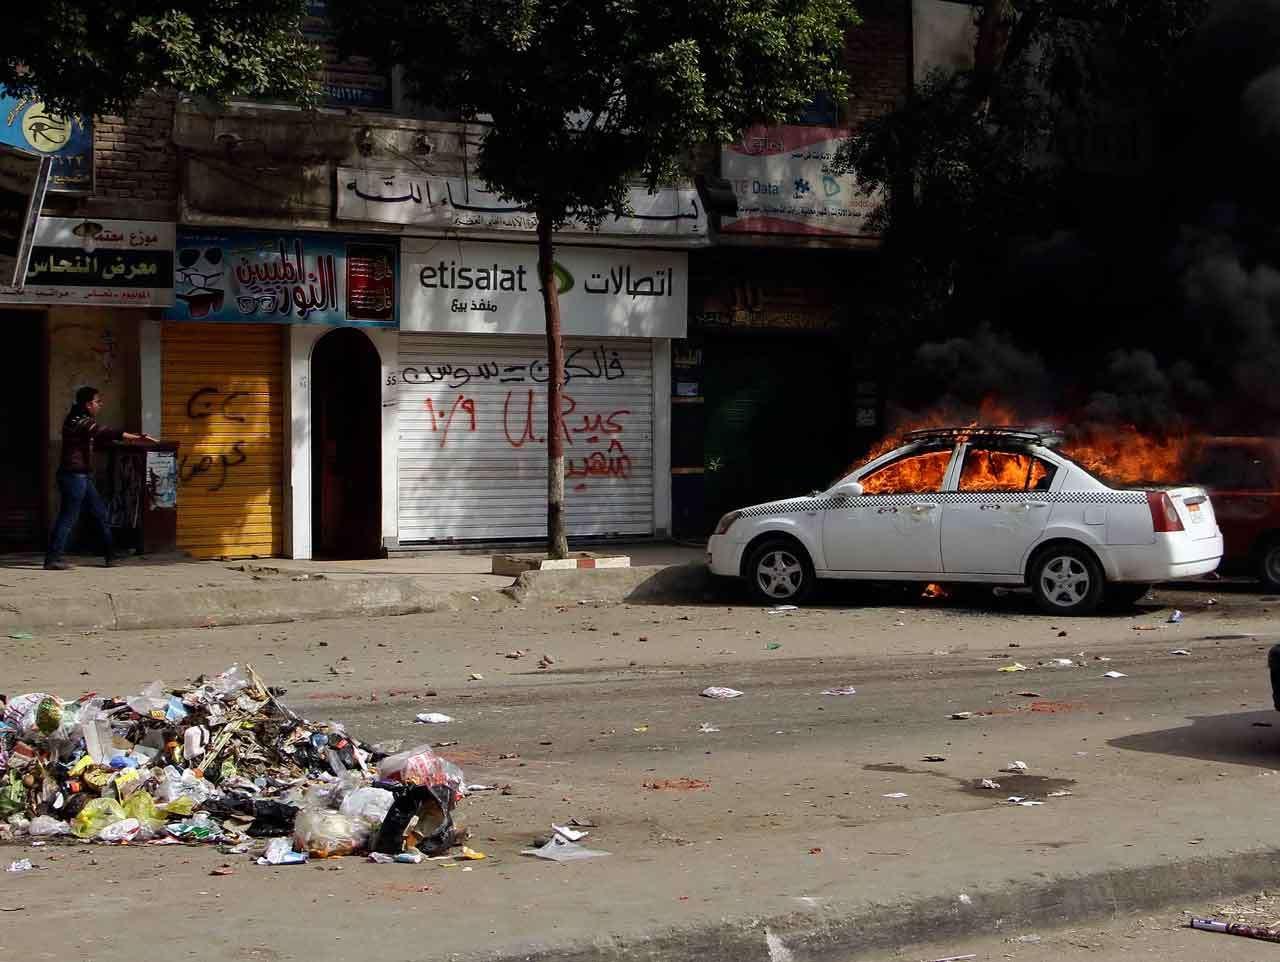 """Un taxi arde durante la jornada de protestas en el cuarto aniversario de la """"primavera egipcia"""", El Cairo, 25 de enero de 2015. Foto: AP en español"""